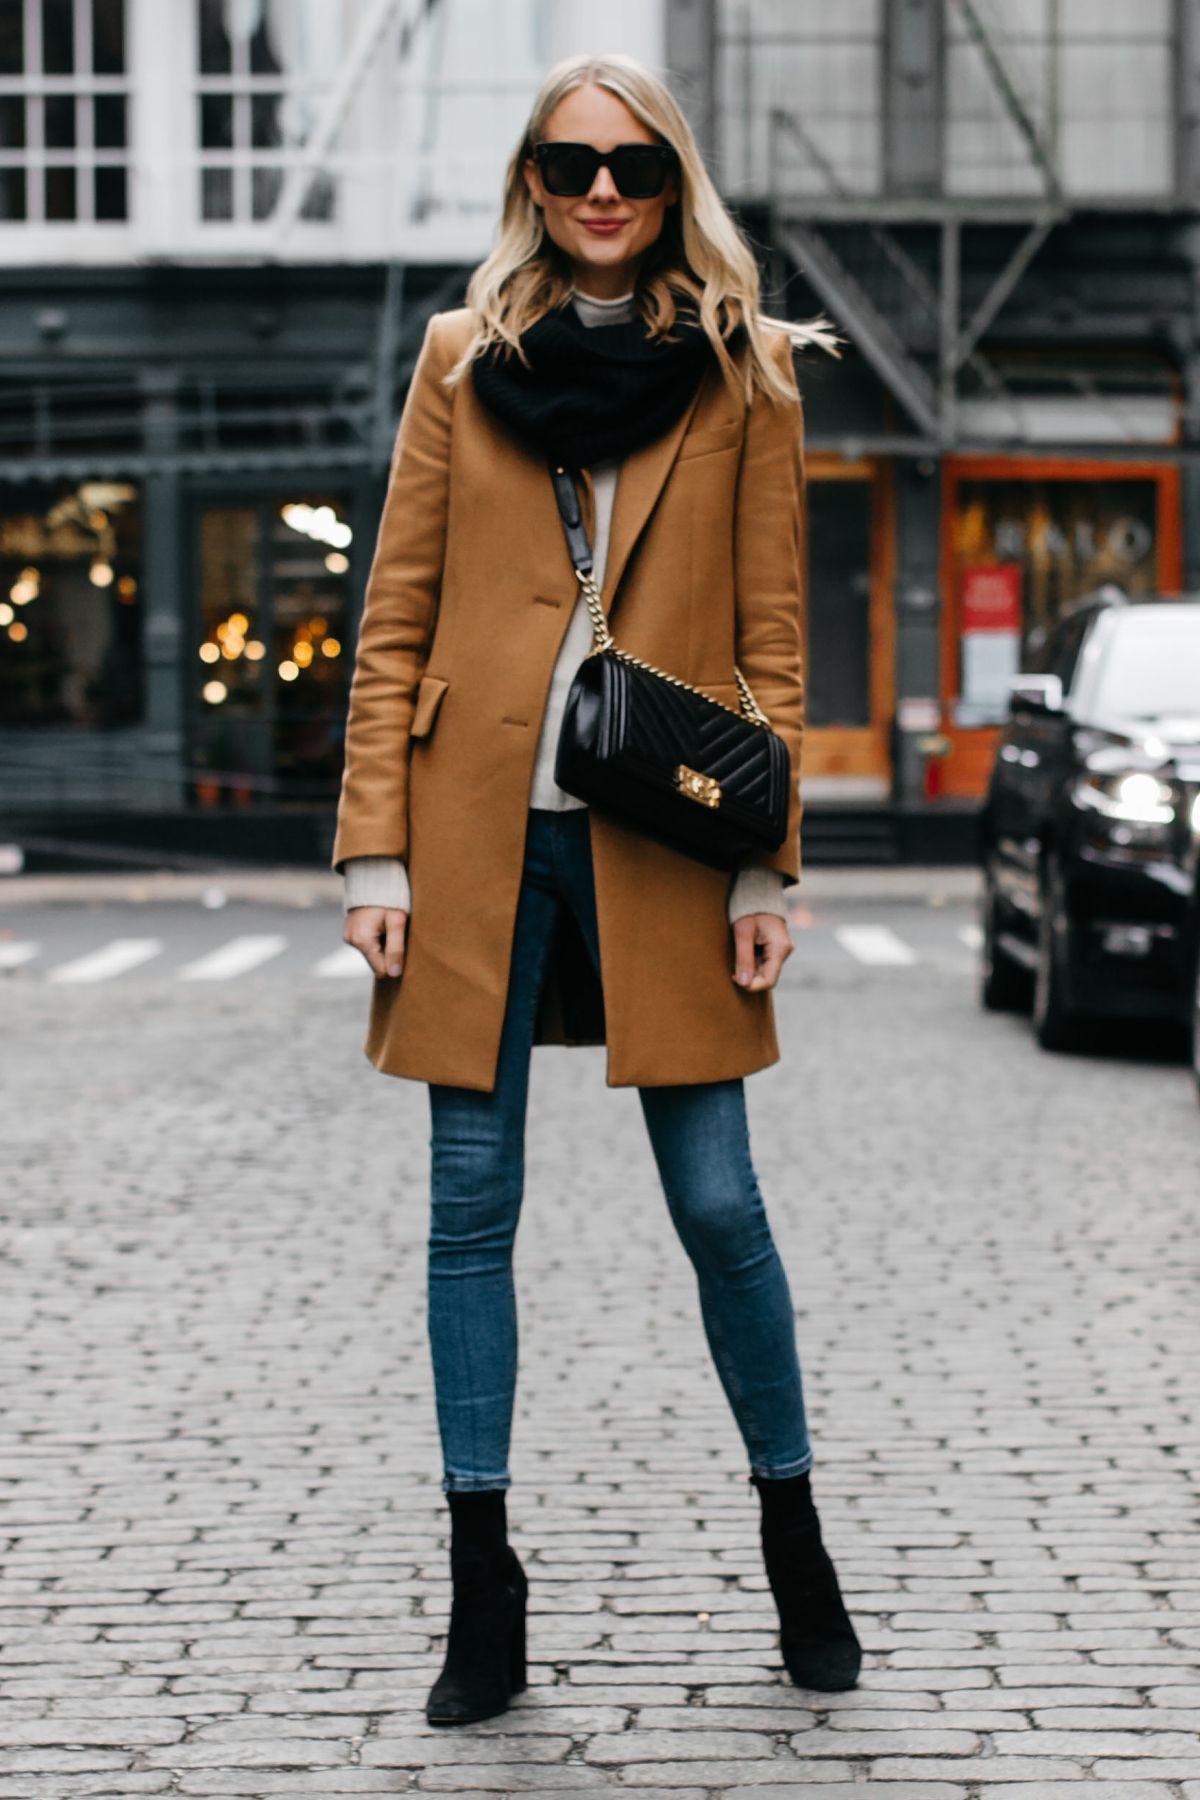 Zara women masculine coats, IVY & OAK